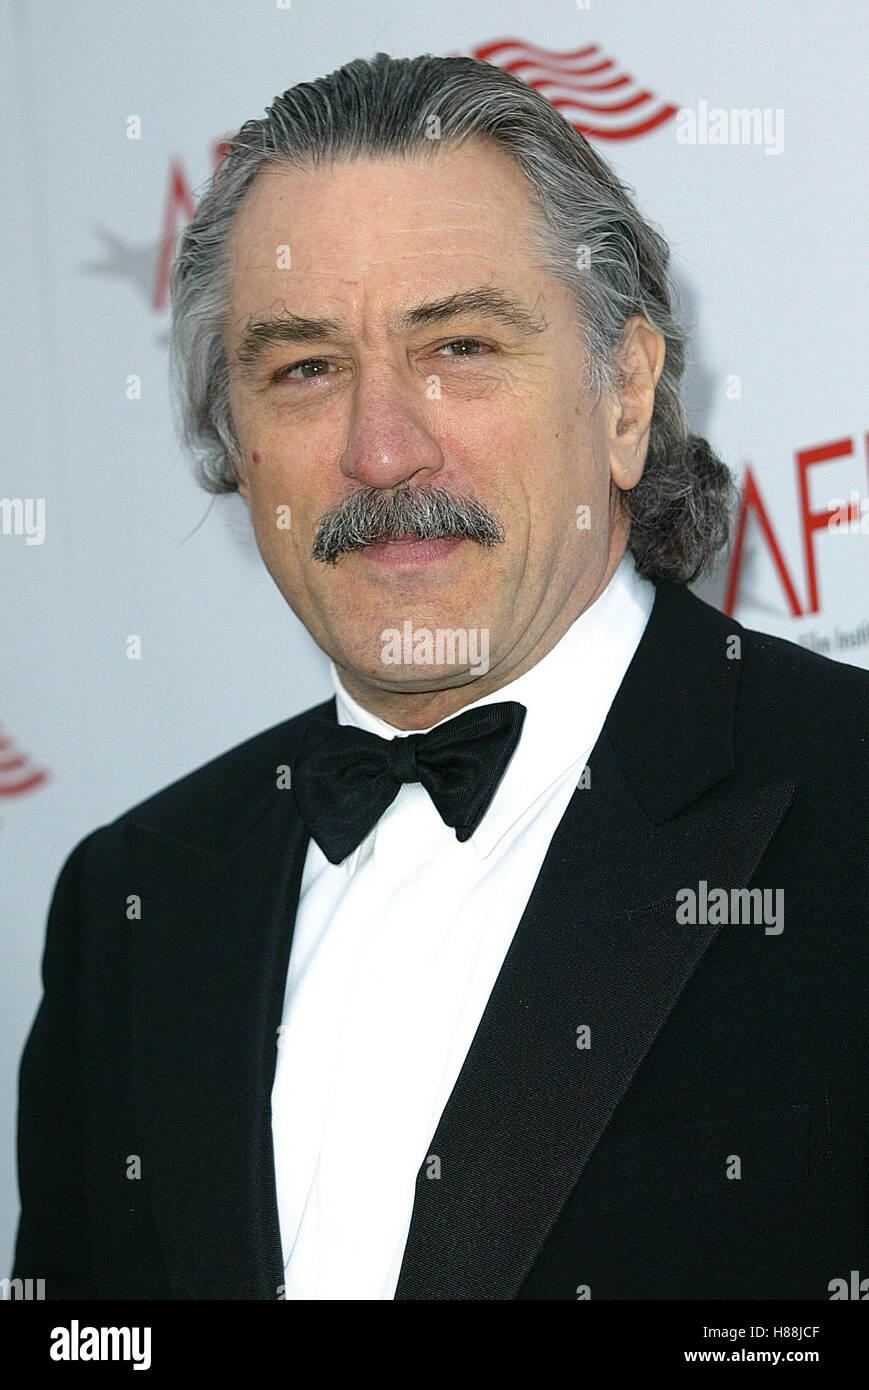 Robert De Niro Mustache